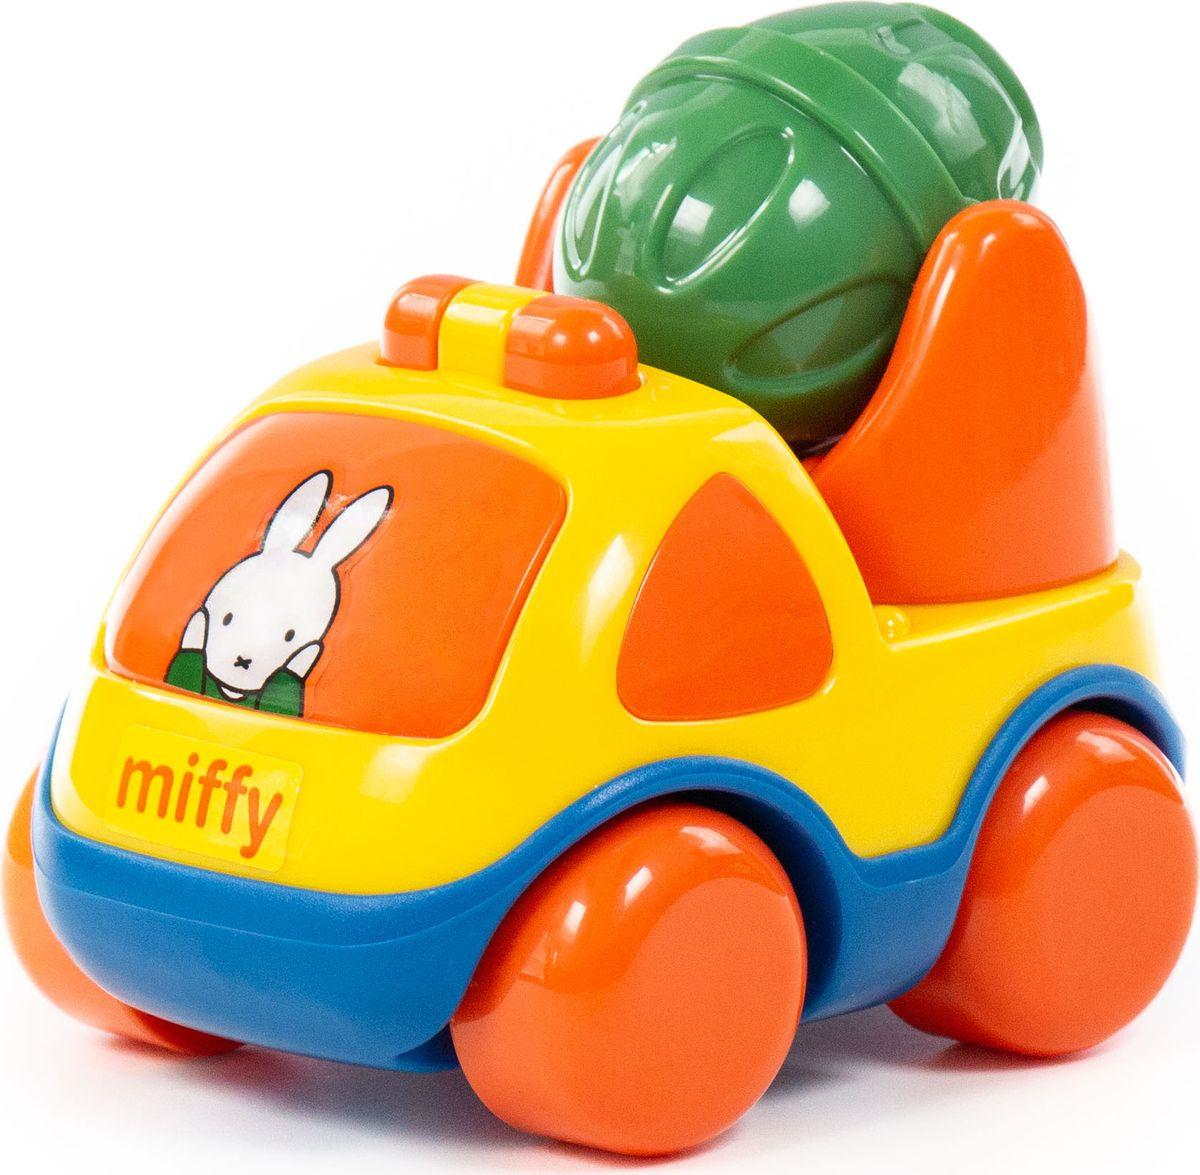 Машинка Полесье Бетоновоз Миффи №2, 77387 цена в Москве и Питере